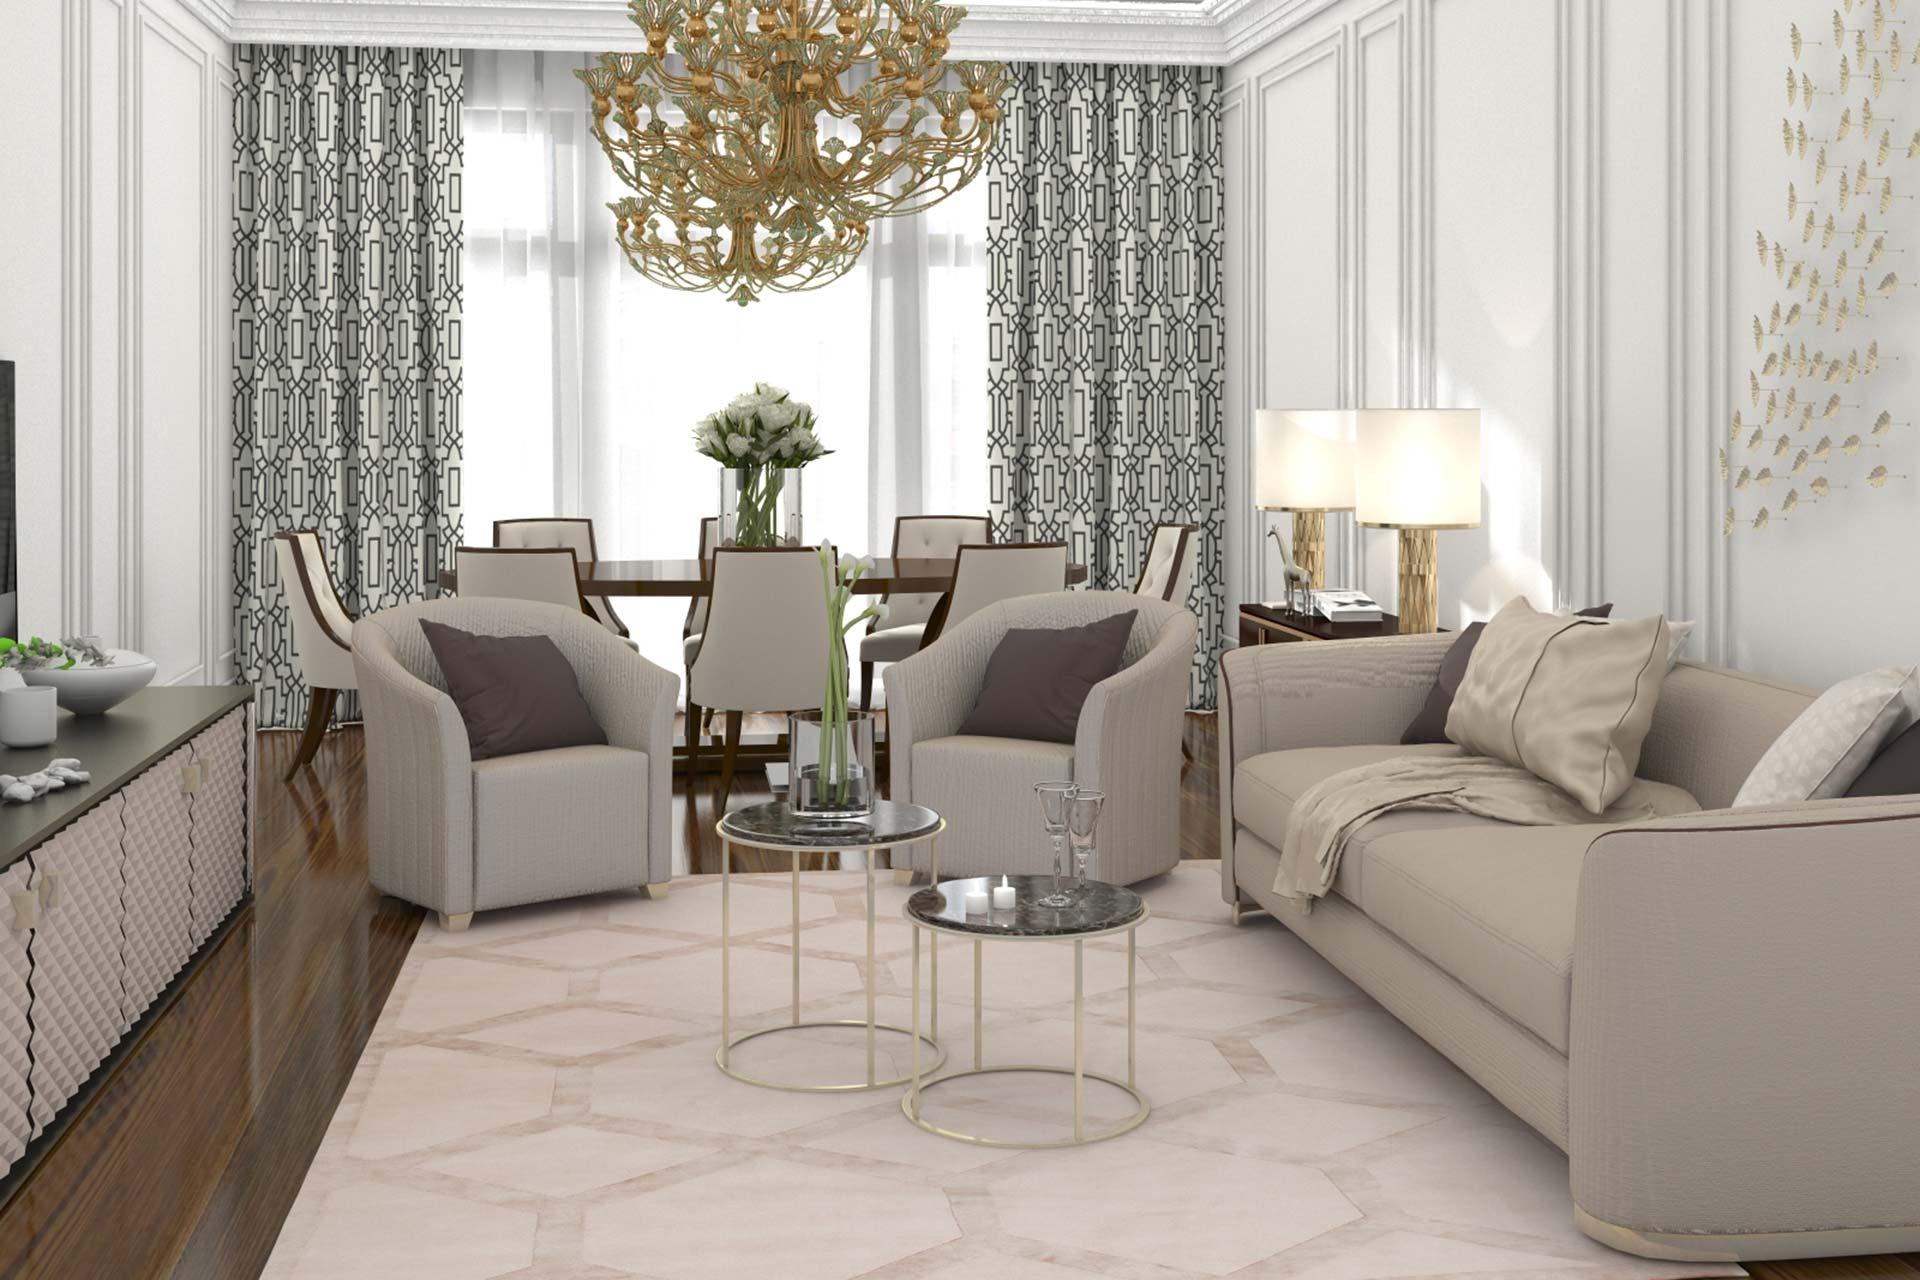 Дизайн интерьера апартаментов в стиле Ар-Деко